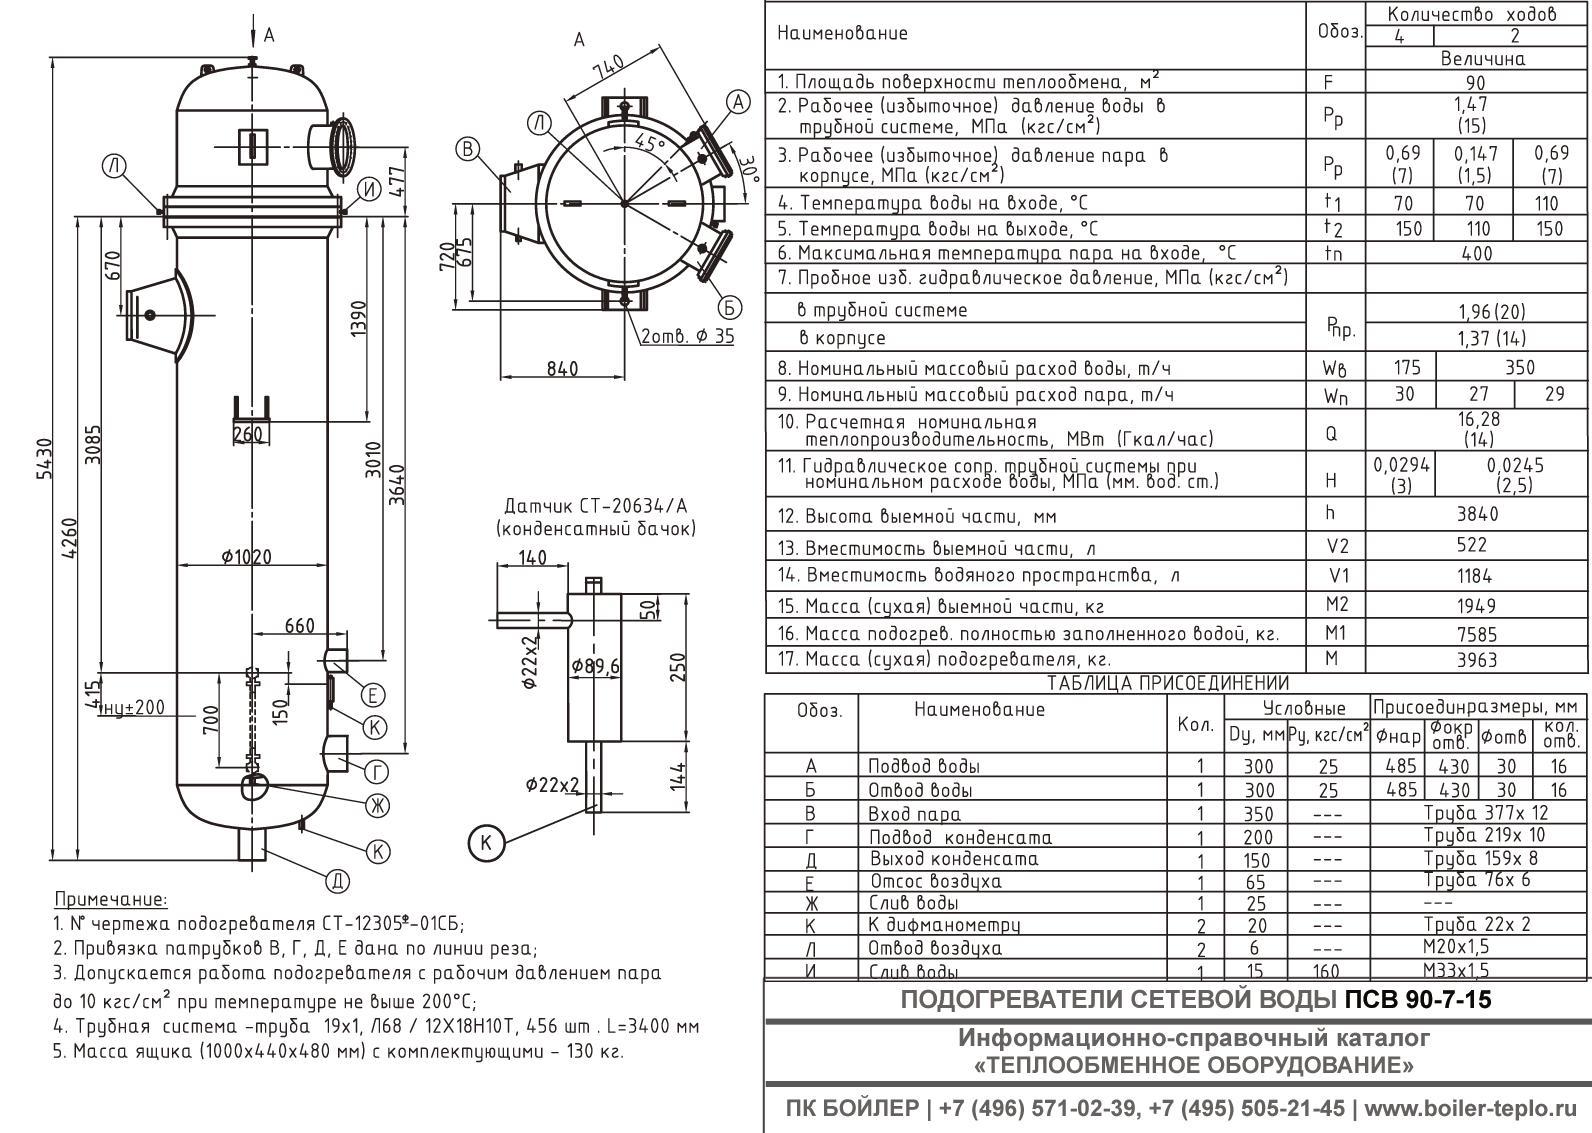 Кожухотрубчатые подогреватели сетевой воды (ПСВ) Воткинск Кожухотрубный испаритель WTK SBE 415 Балаково